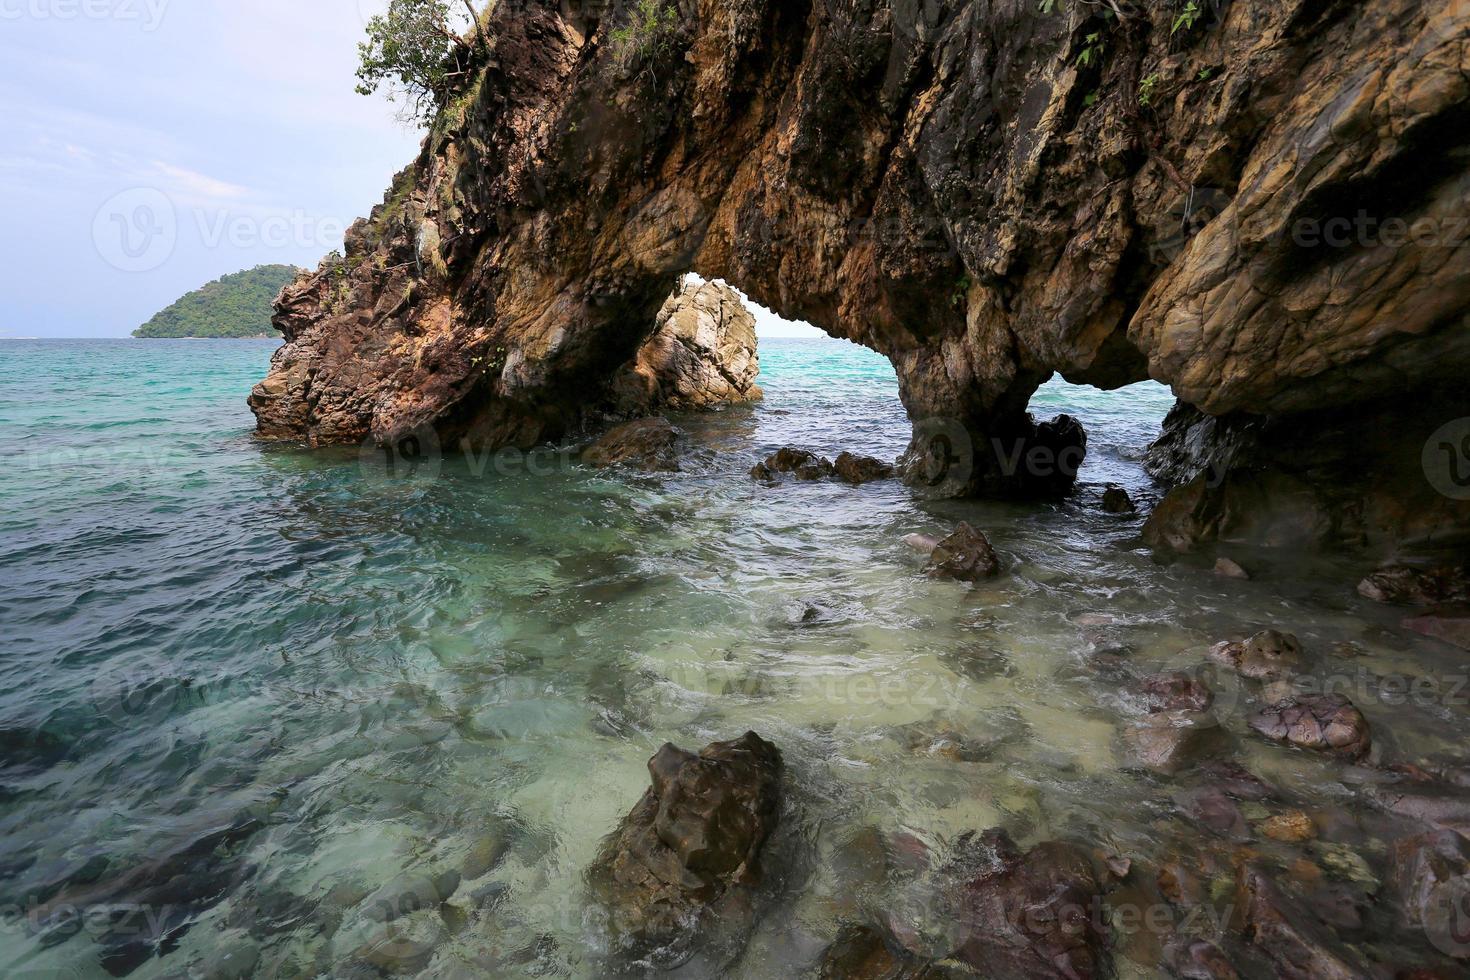 Puerta del amante, arco de piedra natural, isla de Khai, Satun, Tailandia foto